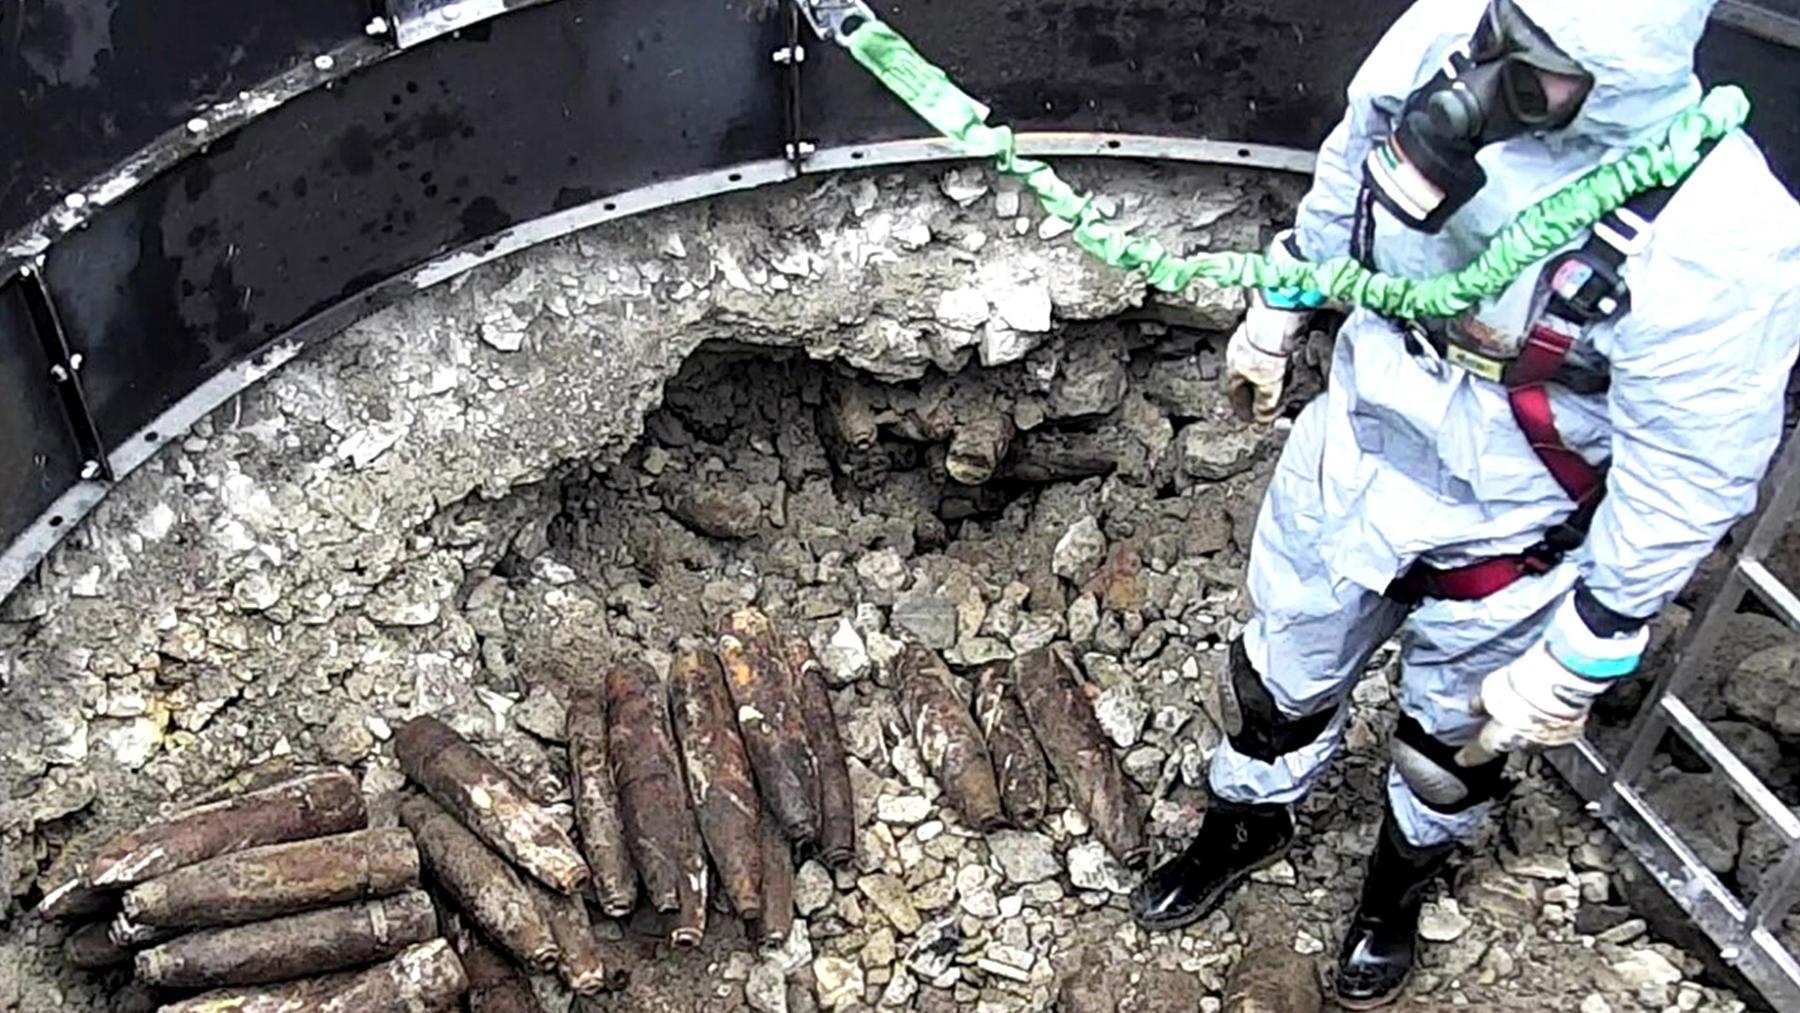 Gefährliches Erbe - Kampfstoff-Müll im Untergrund